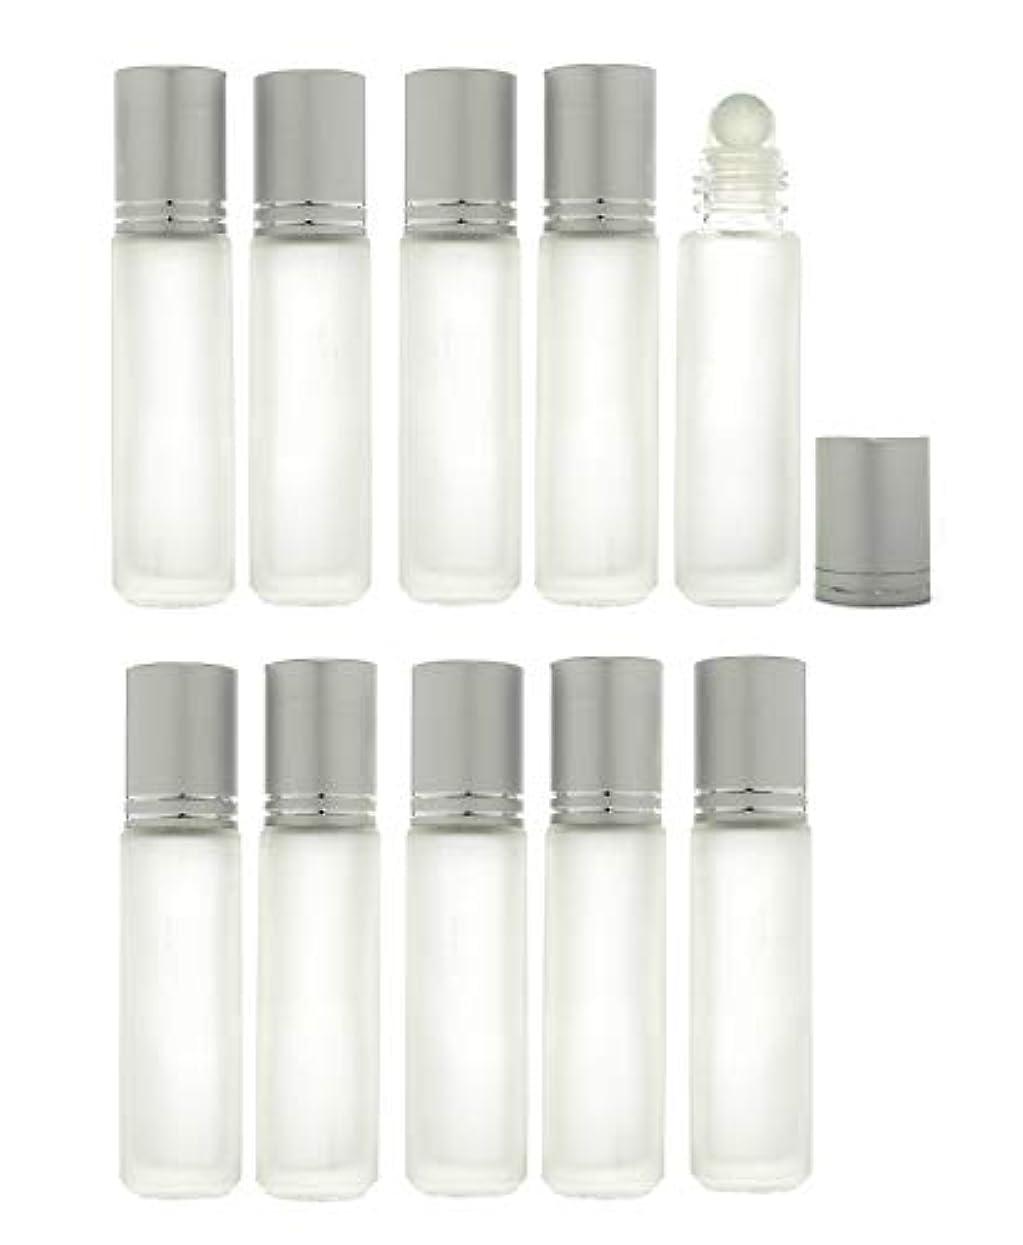 空いている損なう改善Solid Valu ロールオンボトル 10ml 10本セット 遮光瓶 ガラスロール アロマオイル エッセンシャルオイル 擦りガラス 半透明